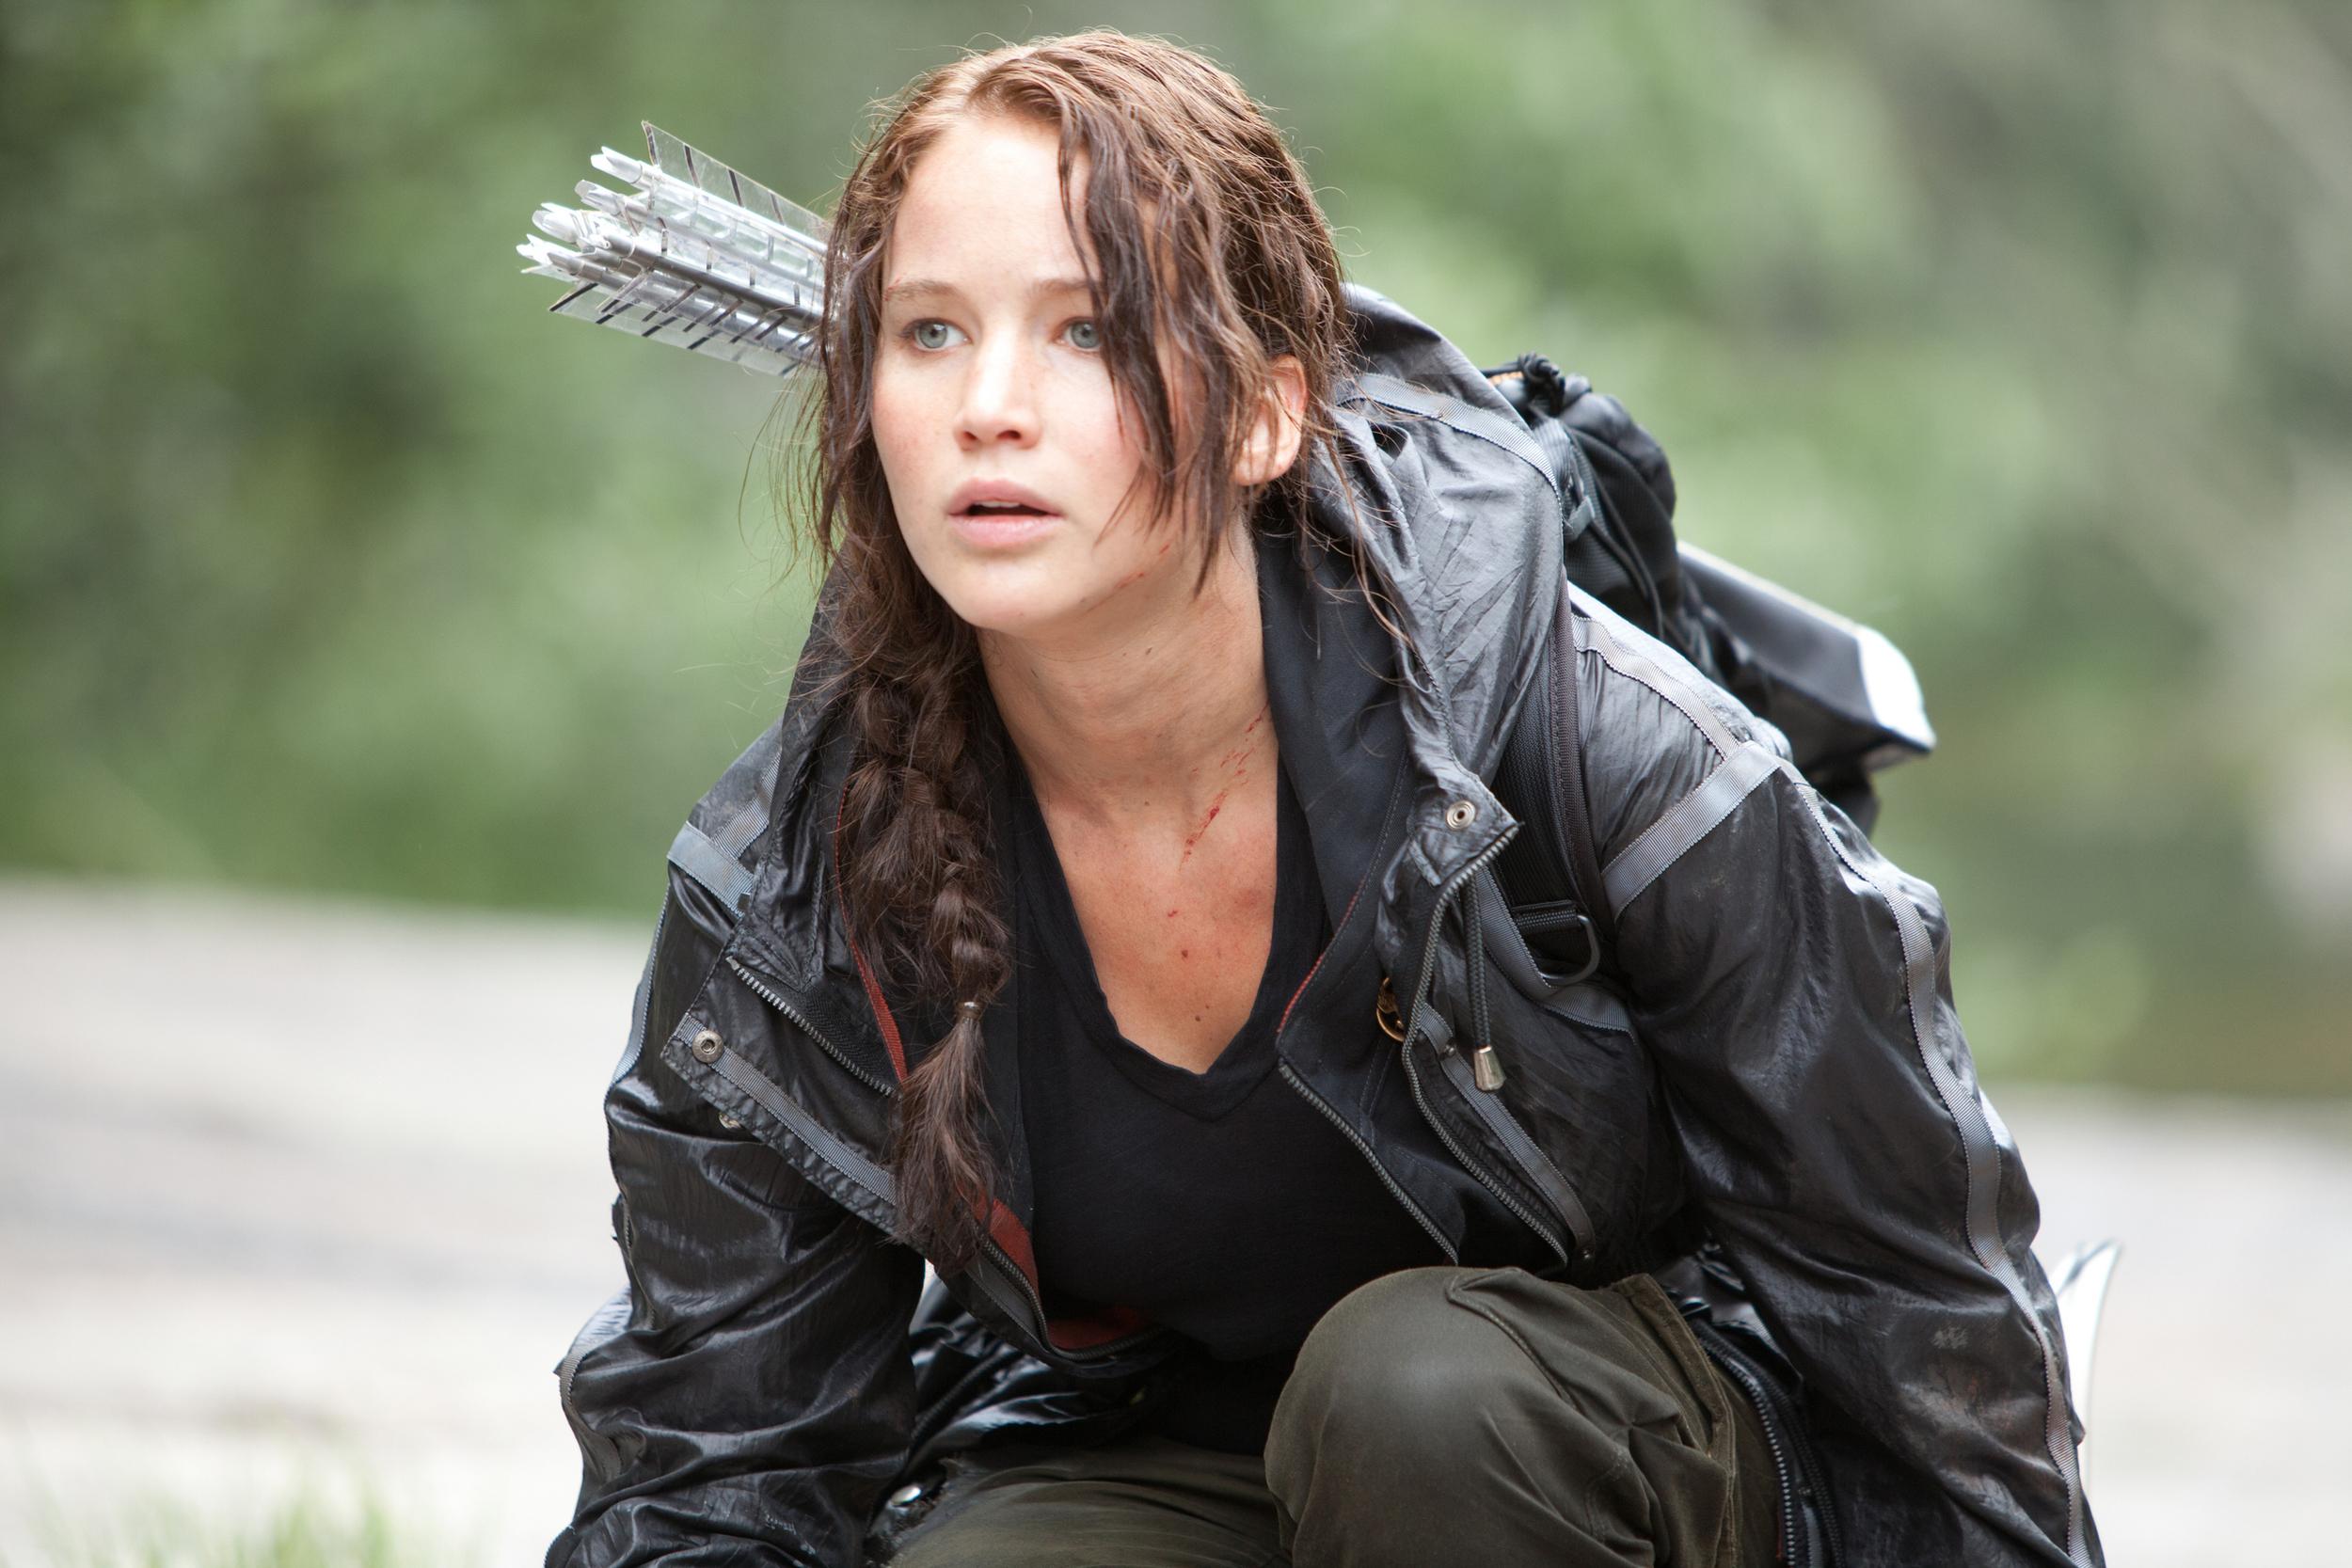 Katniss-Everdeen-the-girl-on-fire-27237396-2560-1707.jpg